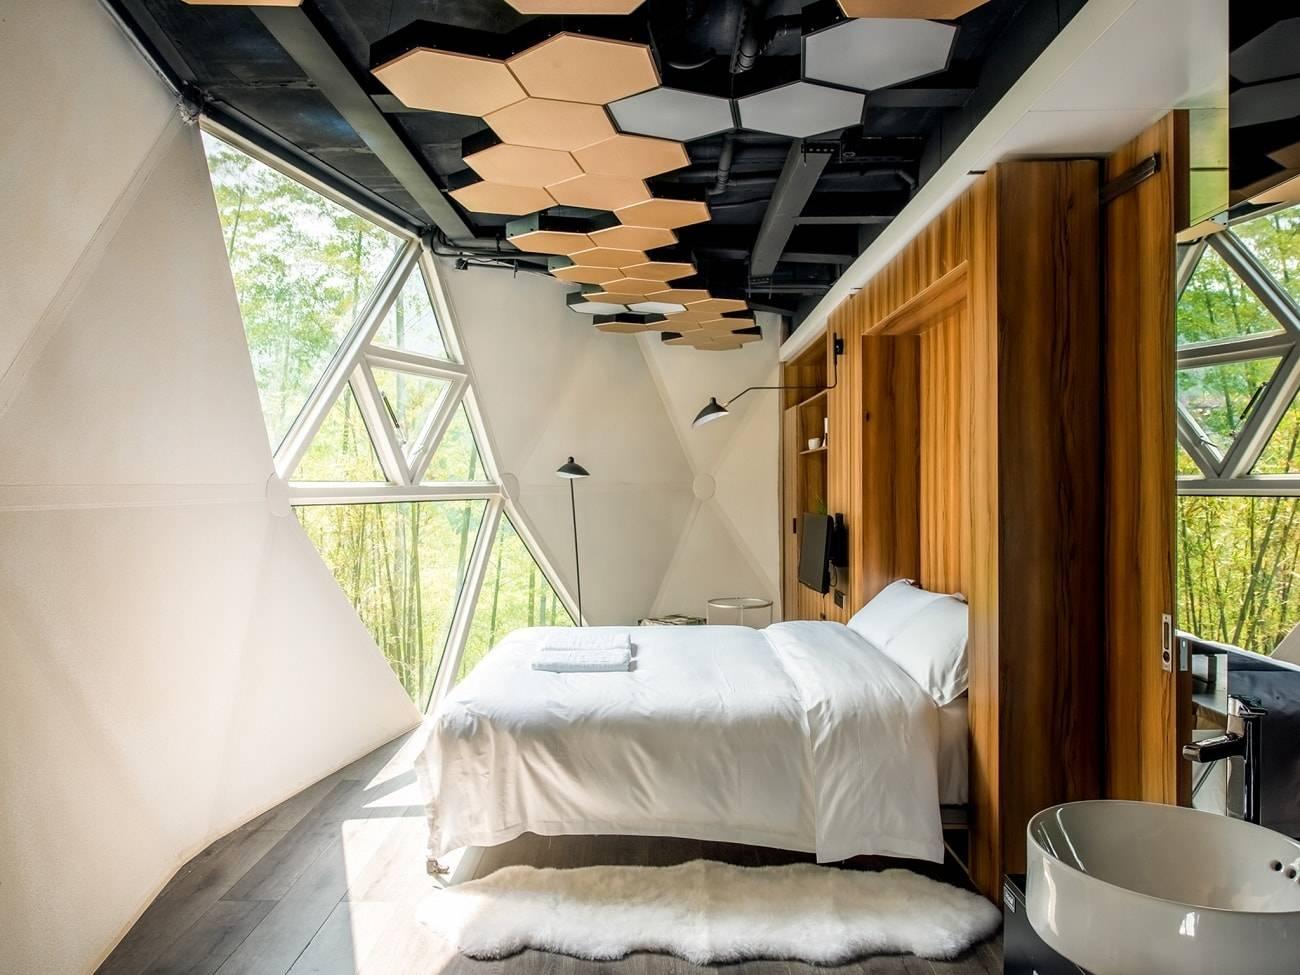 7 alojamientos ecológicos para disfrutar de la naturaleza 1